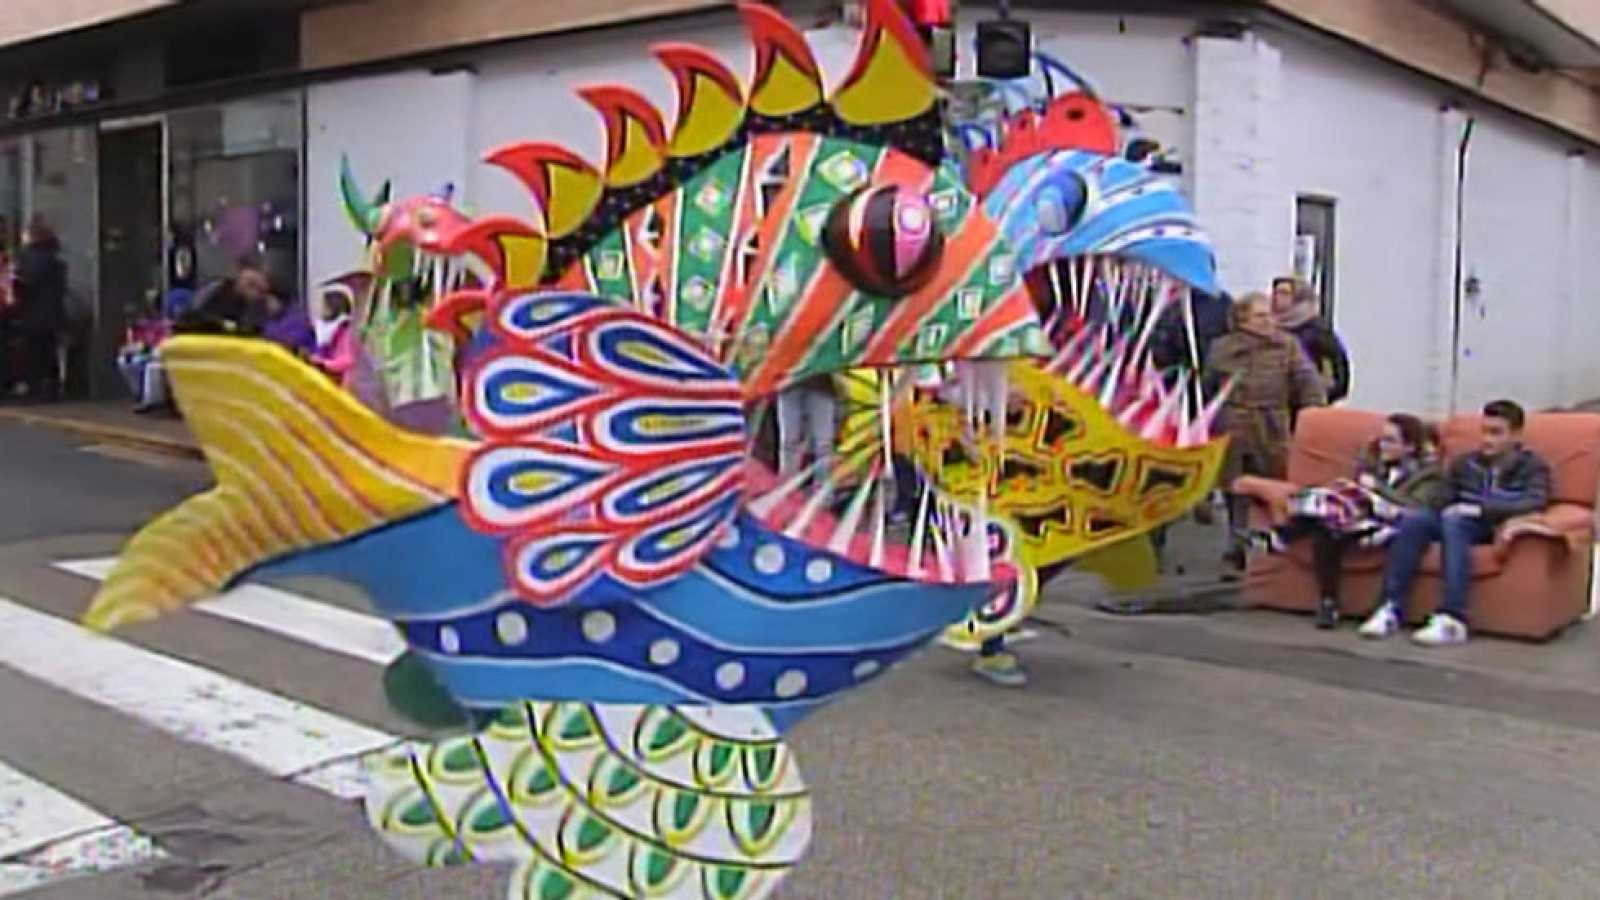 El de Villarrobledo es el único carnaval de Albacete declarado de interés turístico nacional